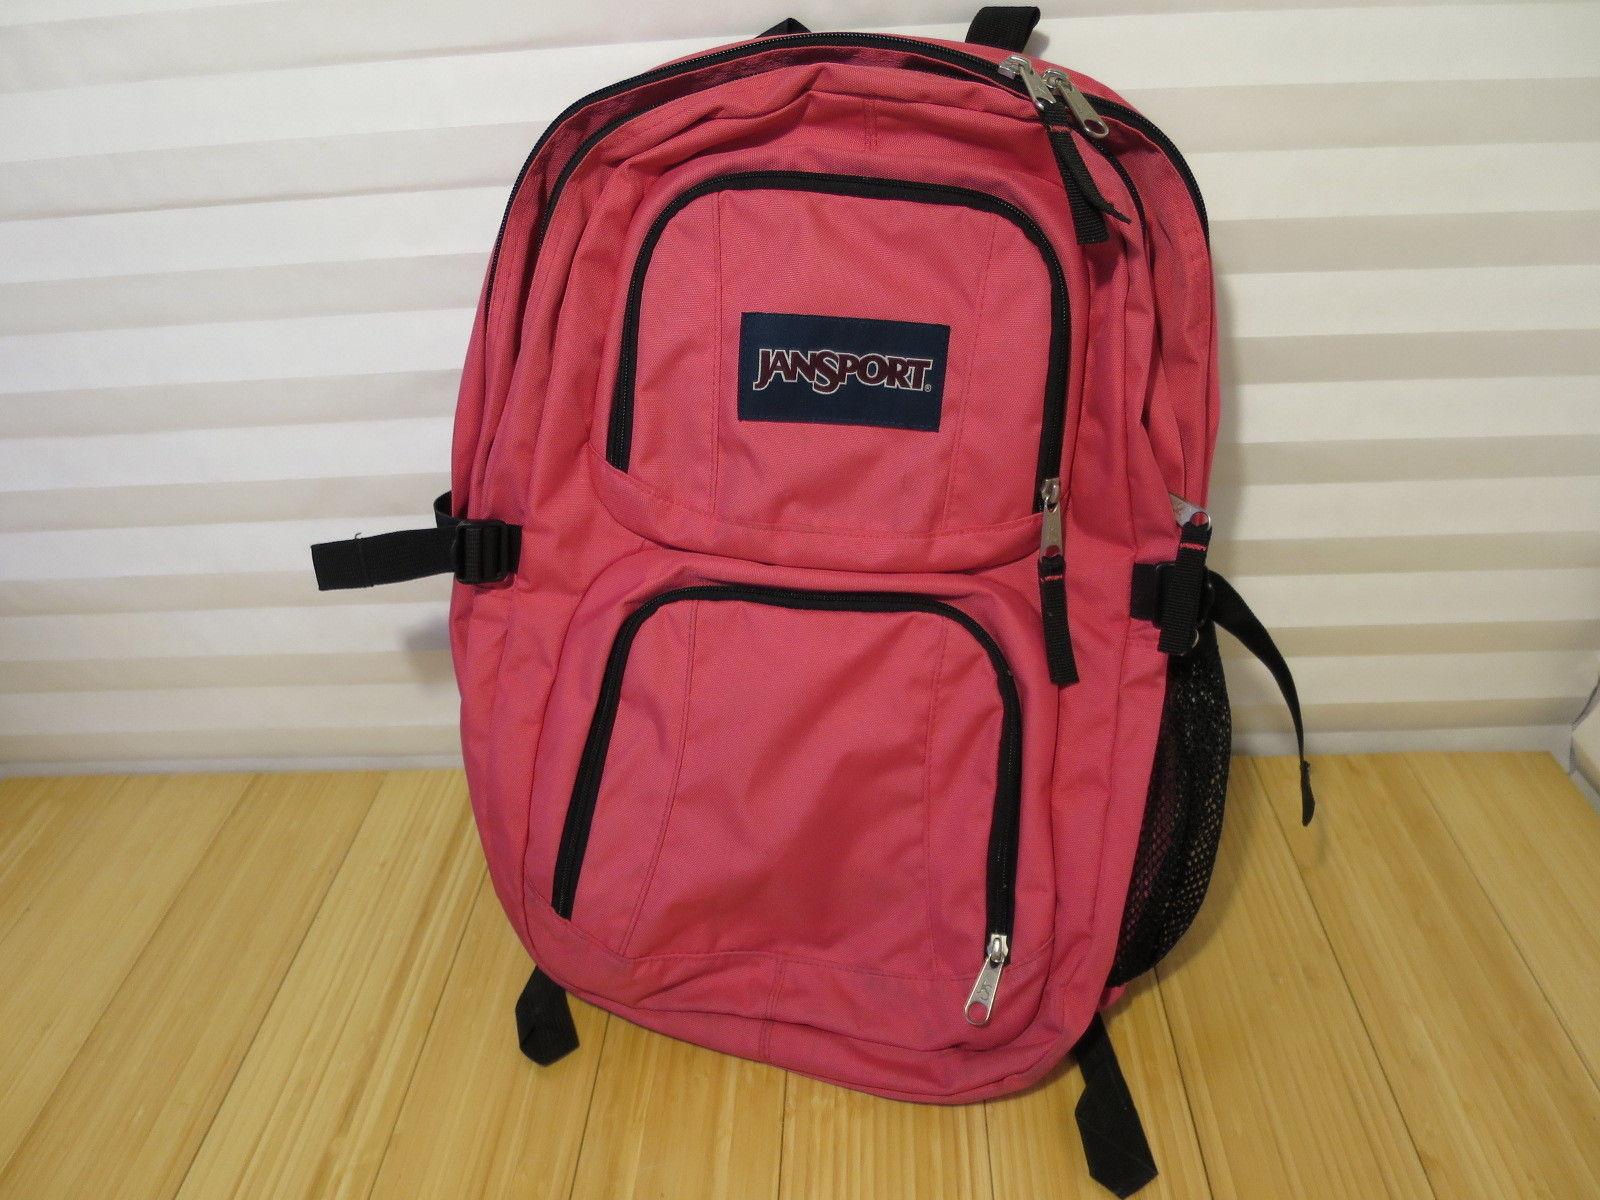 Original Retro Pink & Black JANSPORT Big Student Backpack TB5O0713 4501240547